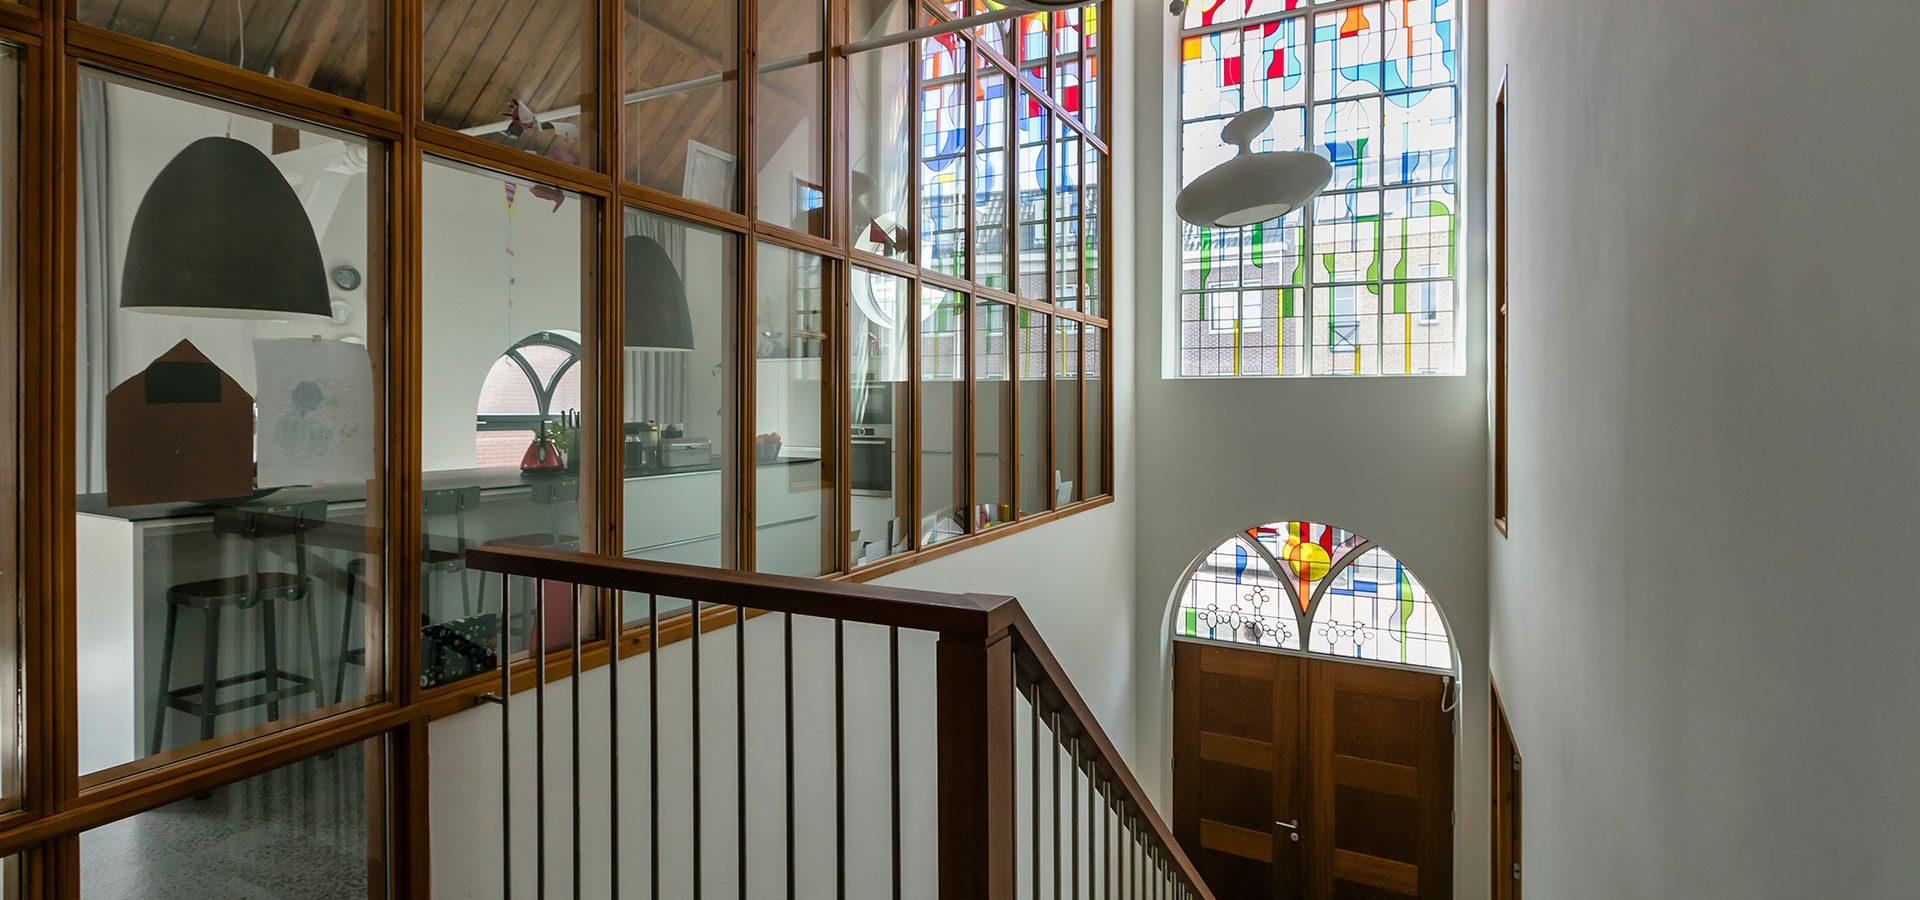 FARO architecten herbestemming kerkje Alphen aan den Rijn 09